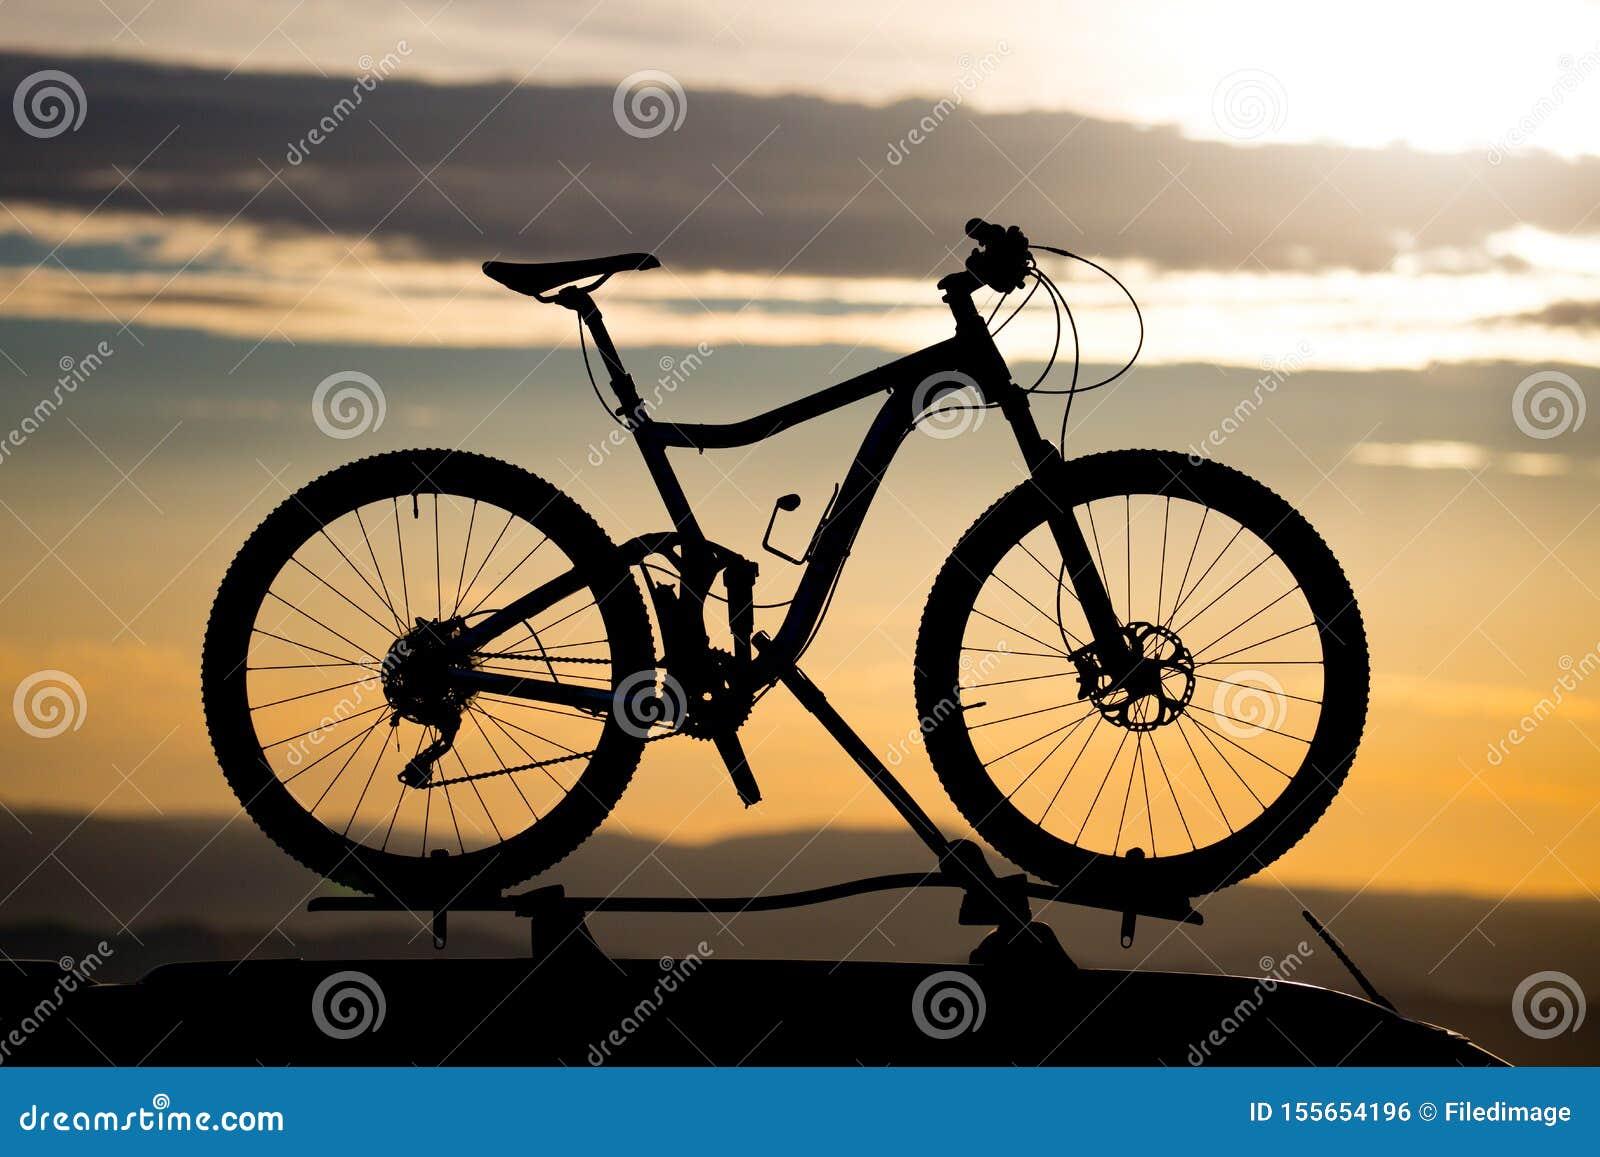 Ποδήλατο στο ράφι στεγών